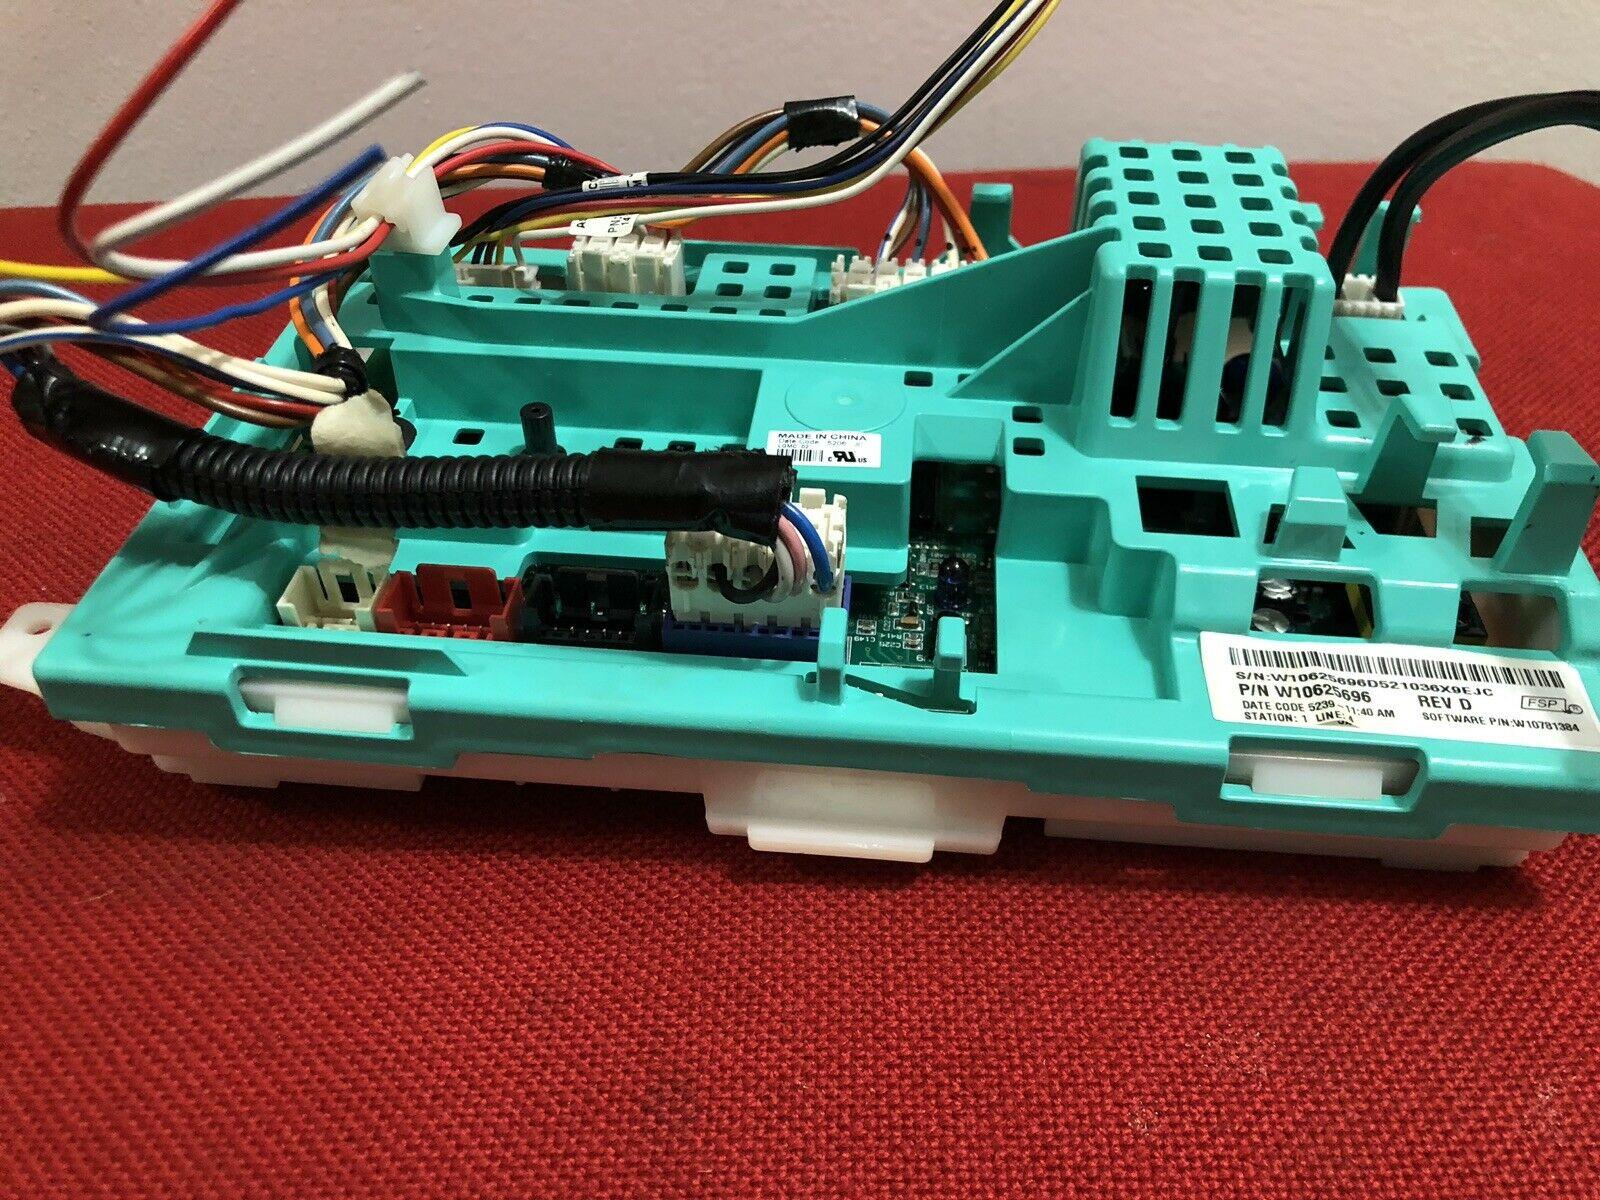 Maytag Washer Machine Control Board Original Part # W10625696. Model MVWX655DW0